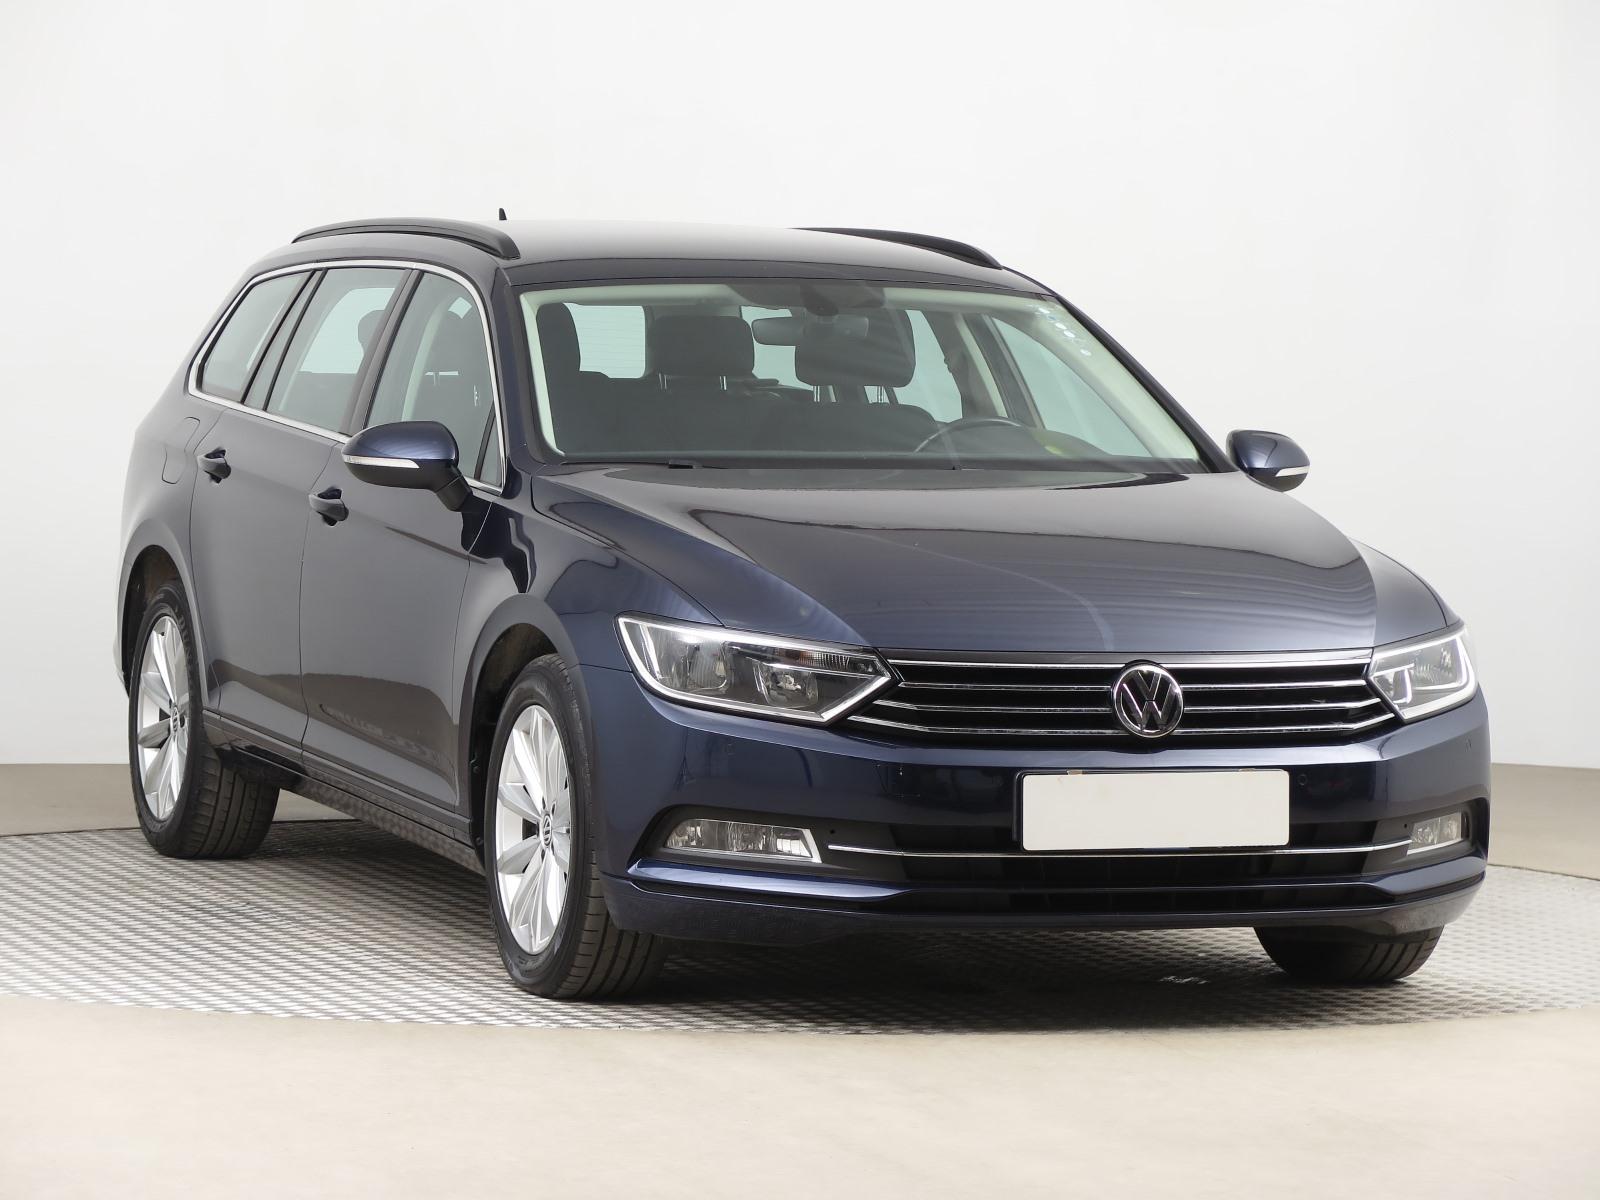 Volkswagen Passat 1.6 TDI